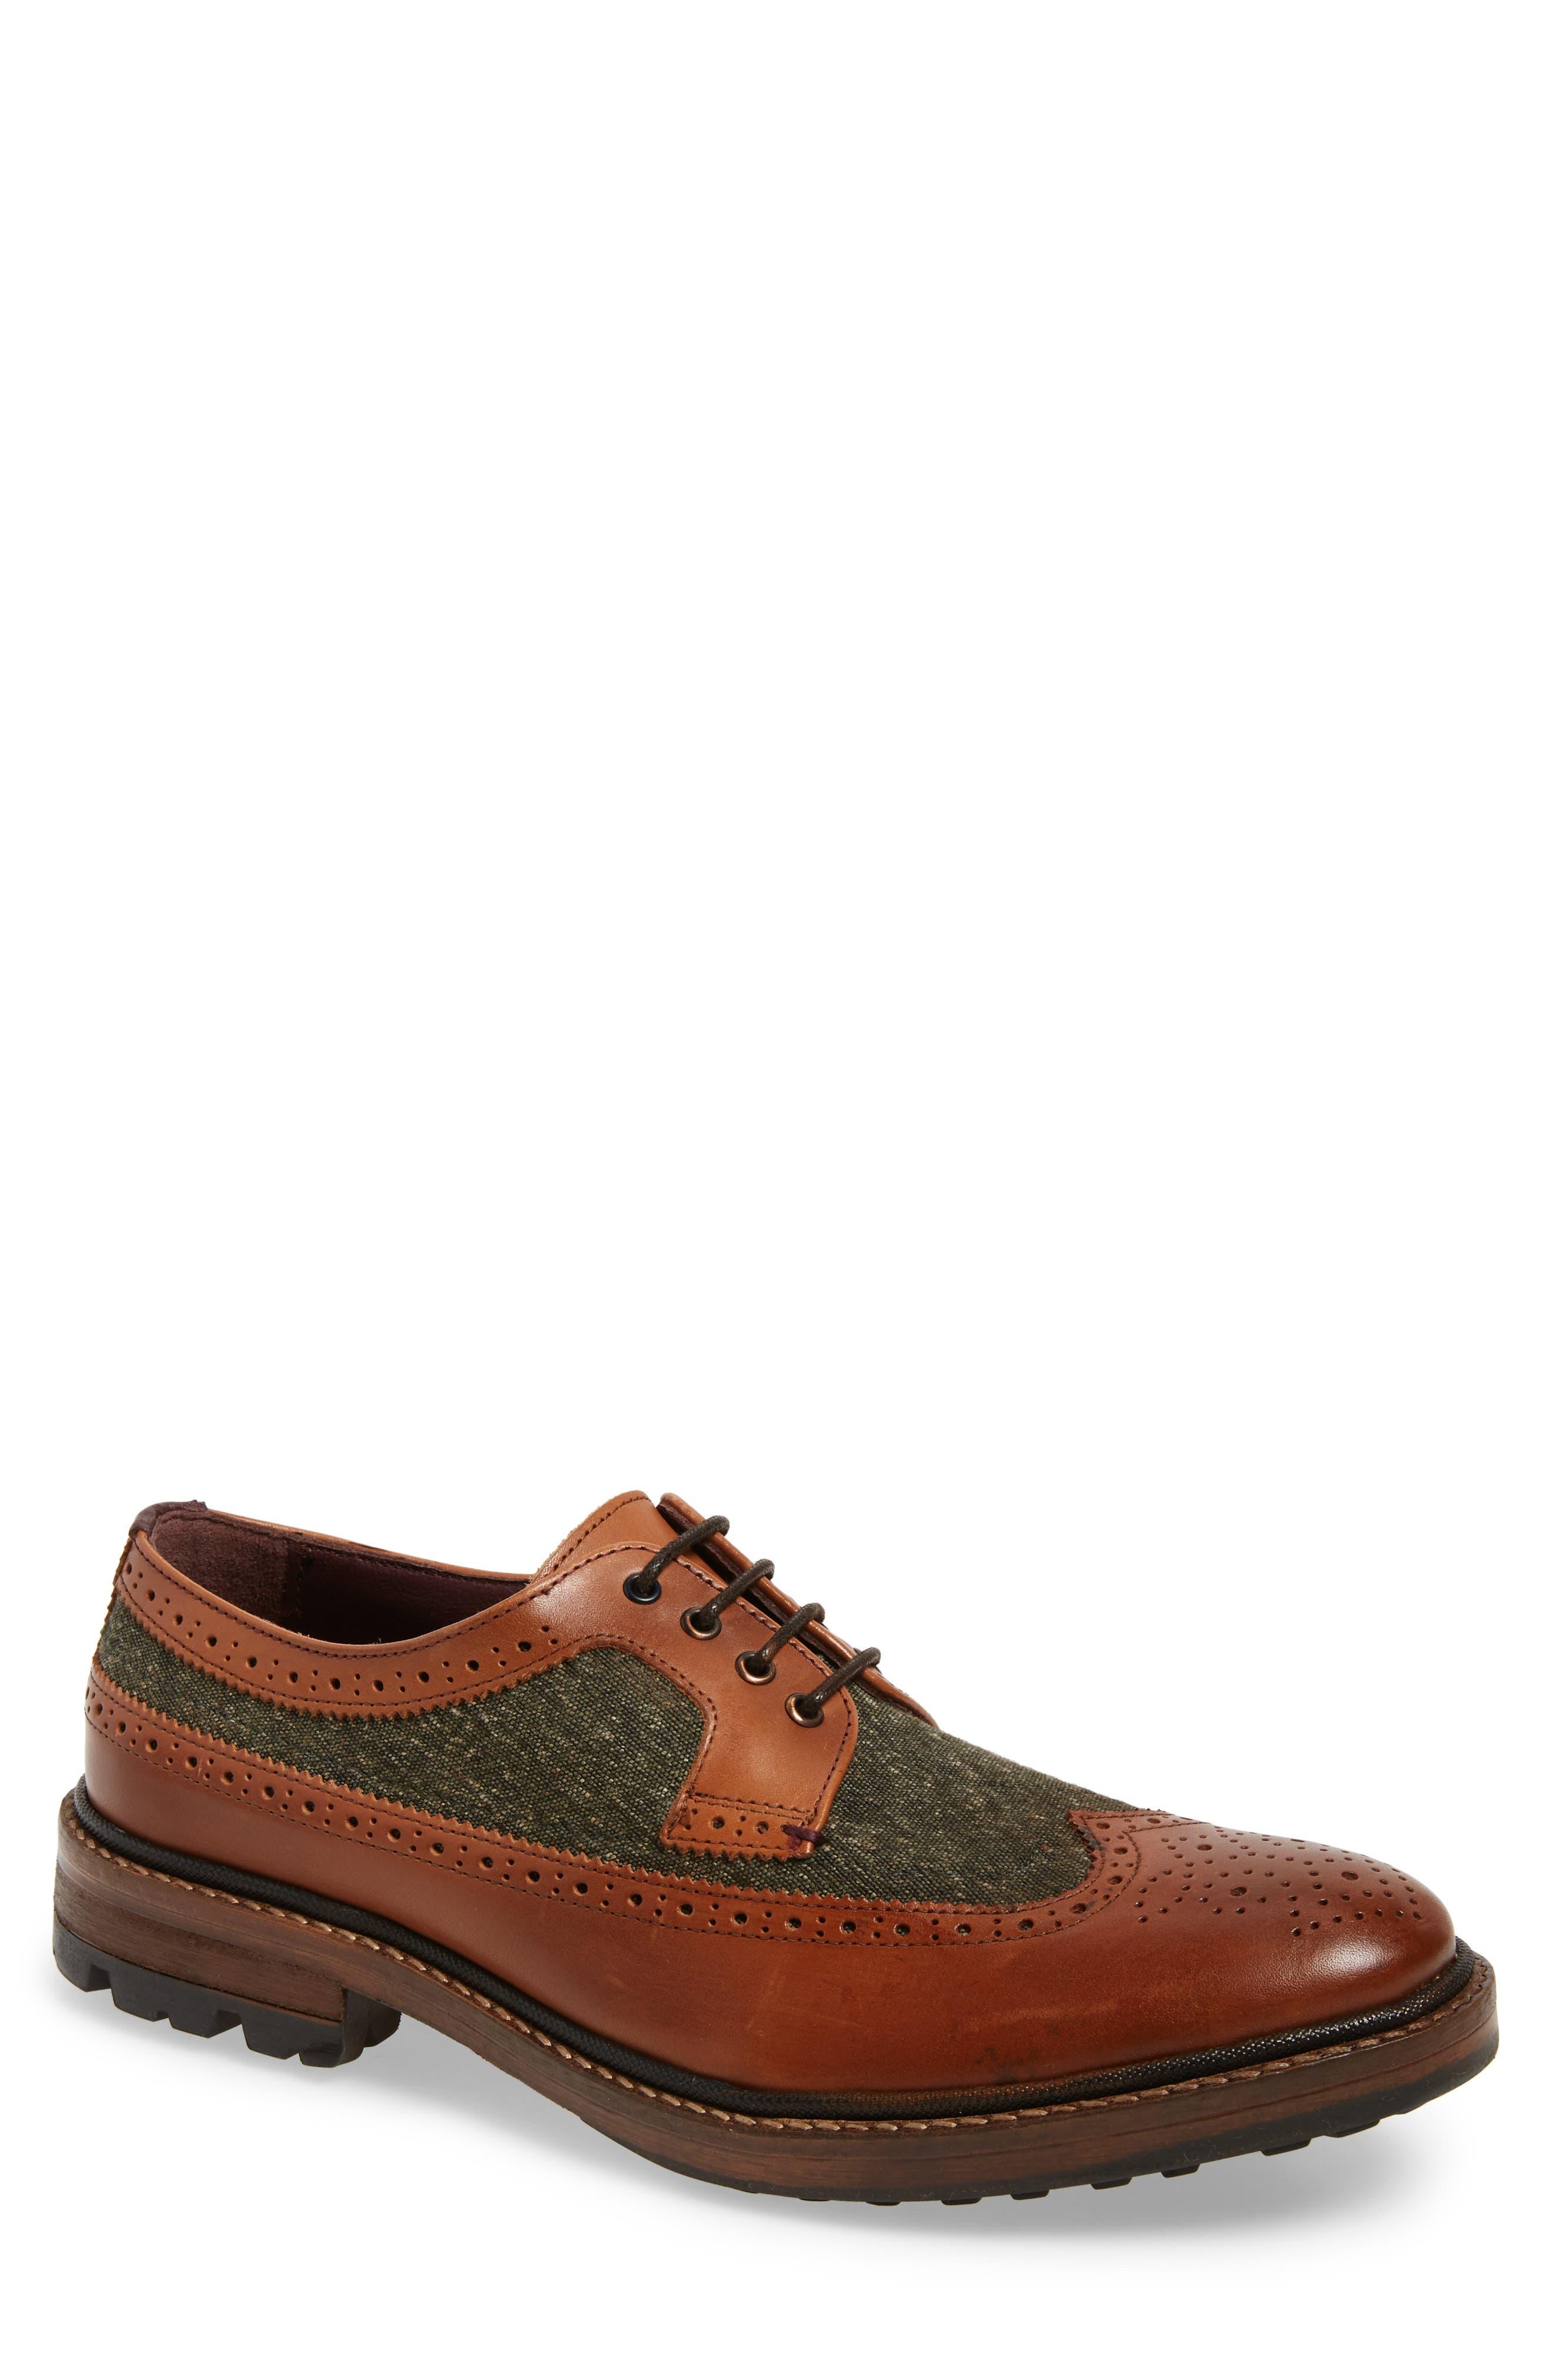 Casbo Spectator Shoe,                         Main,                         color, Tan Multi Leather